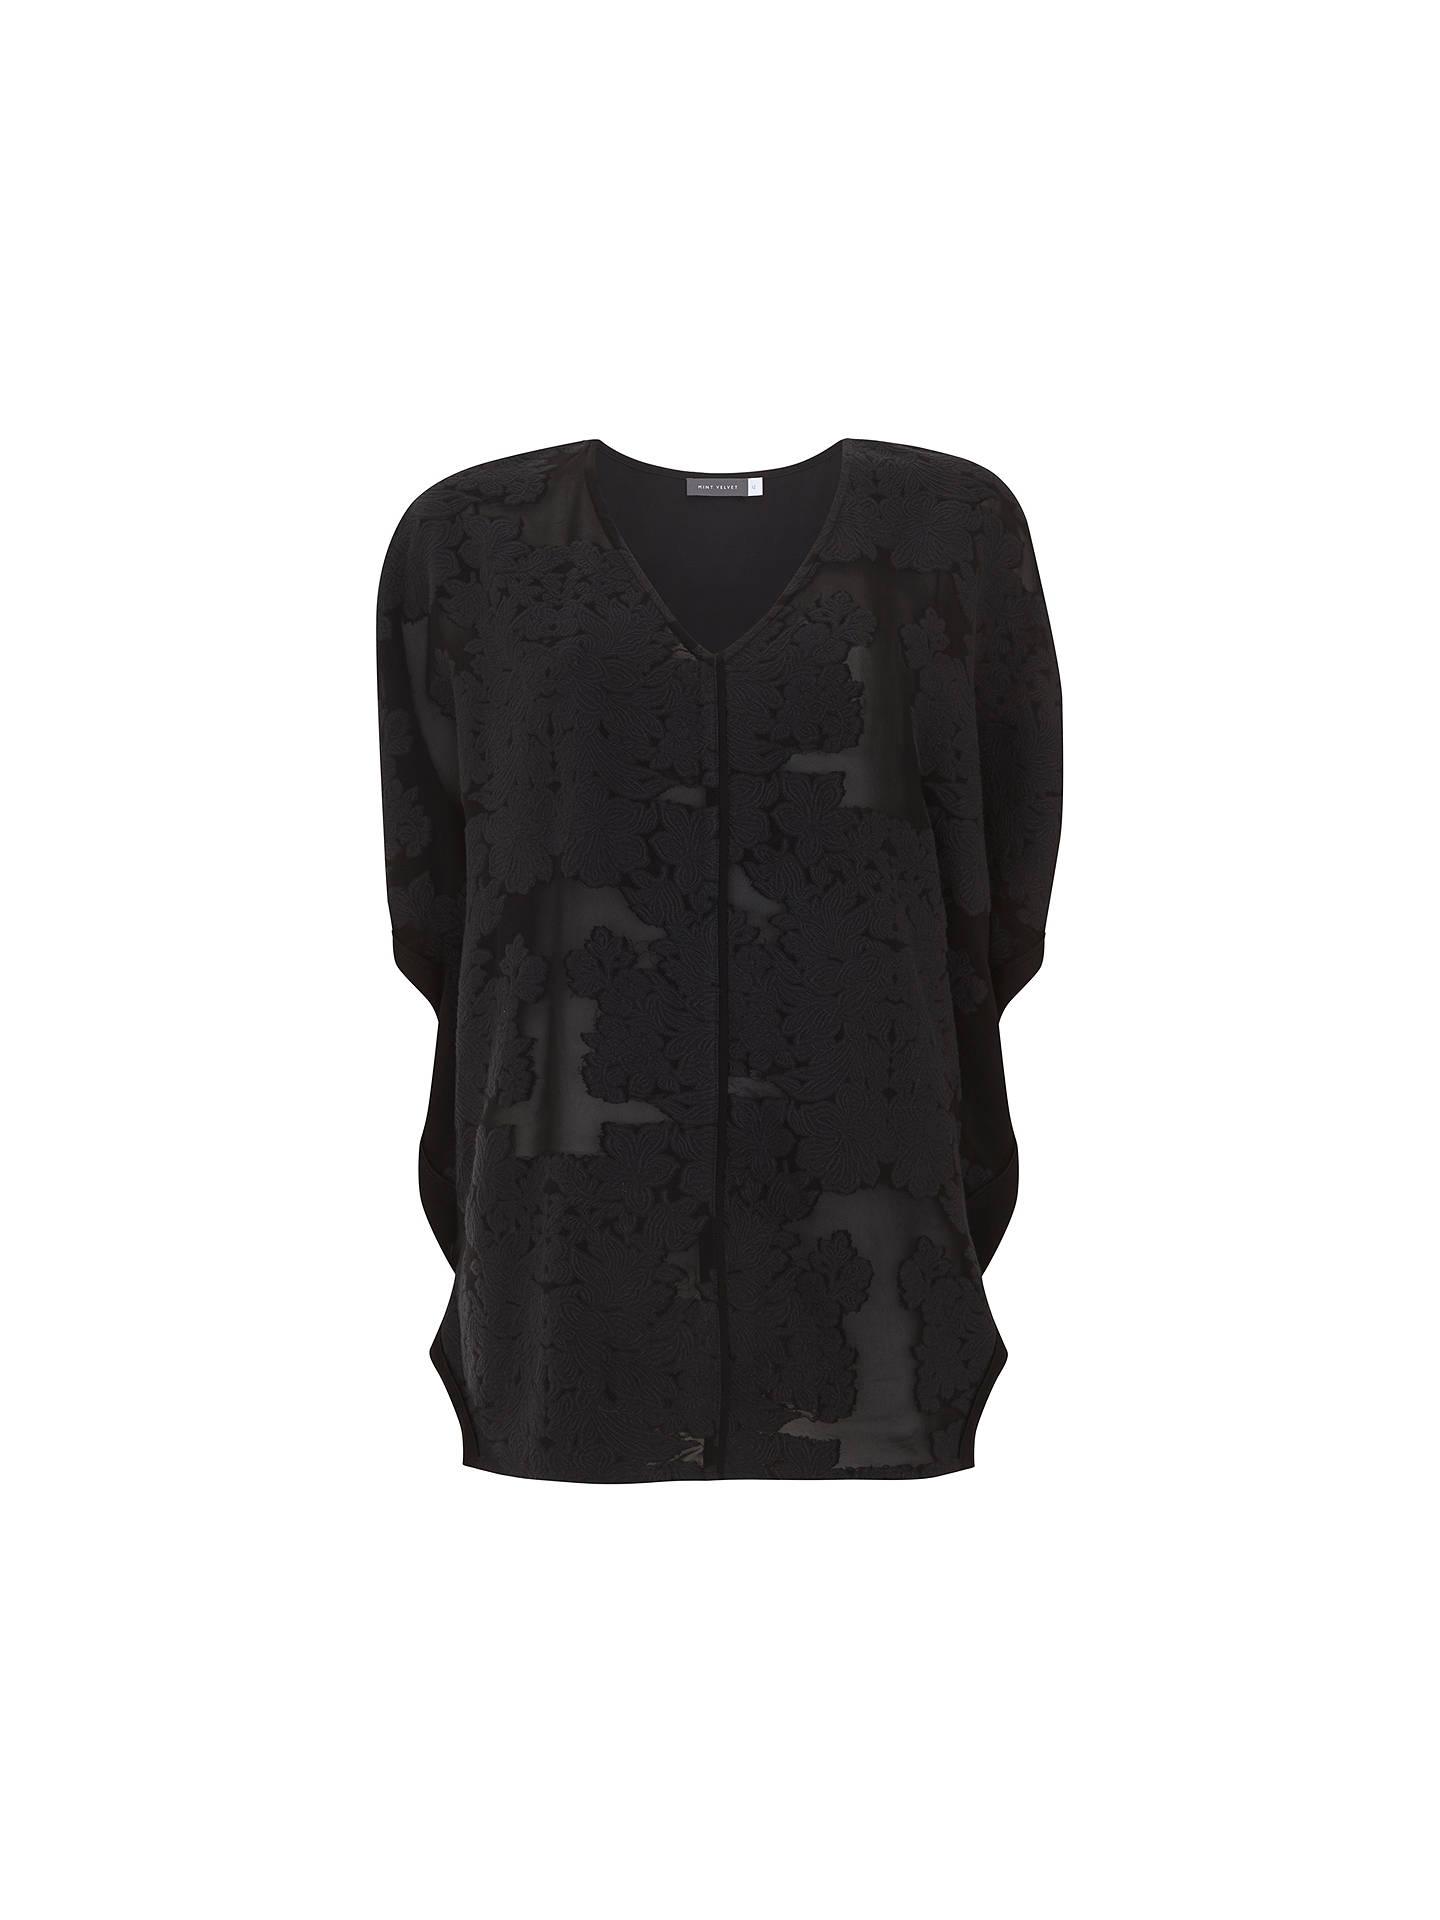 bdc3eb22bfe Buy Mint Velvet Floral Jacquard T-Shirt